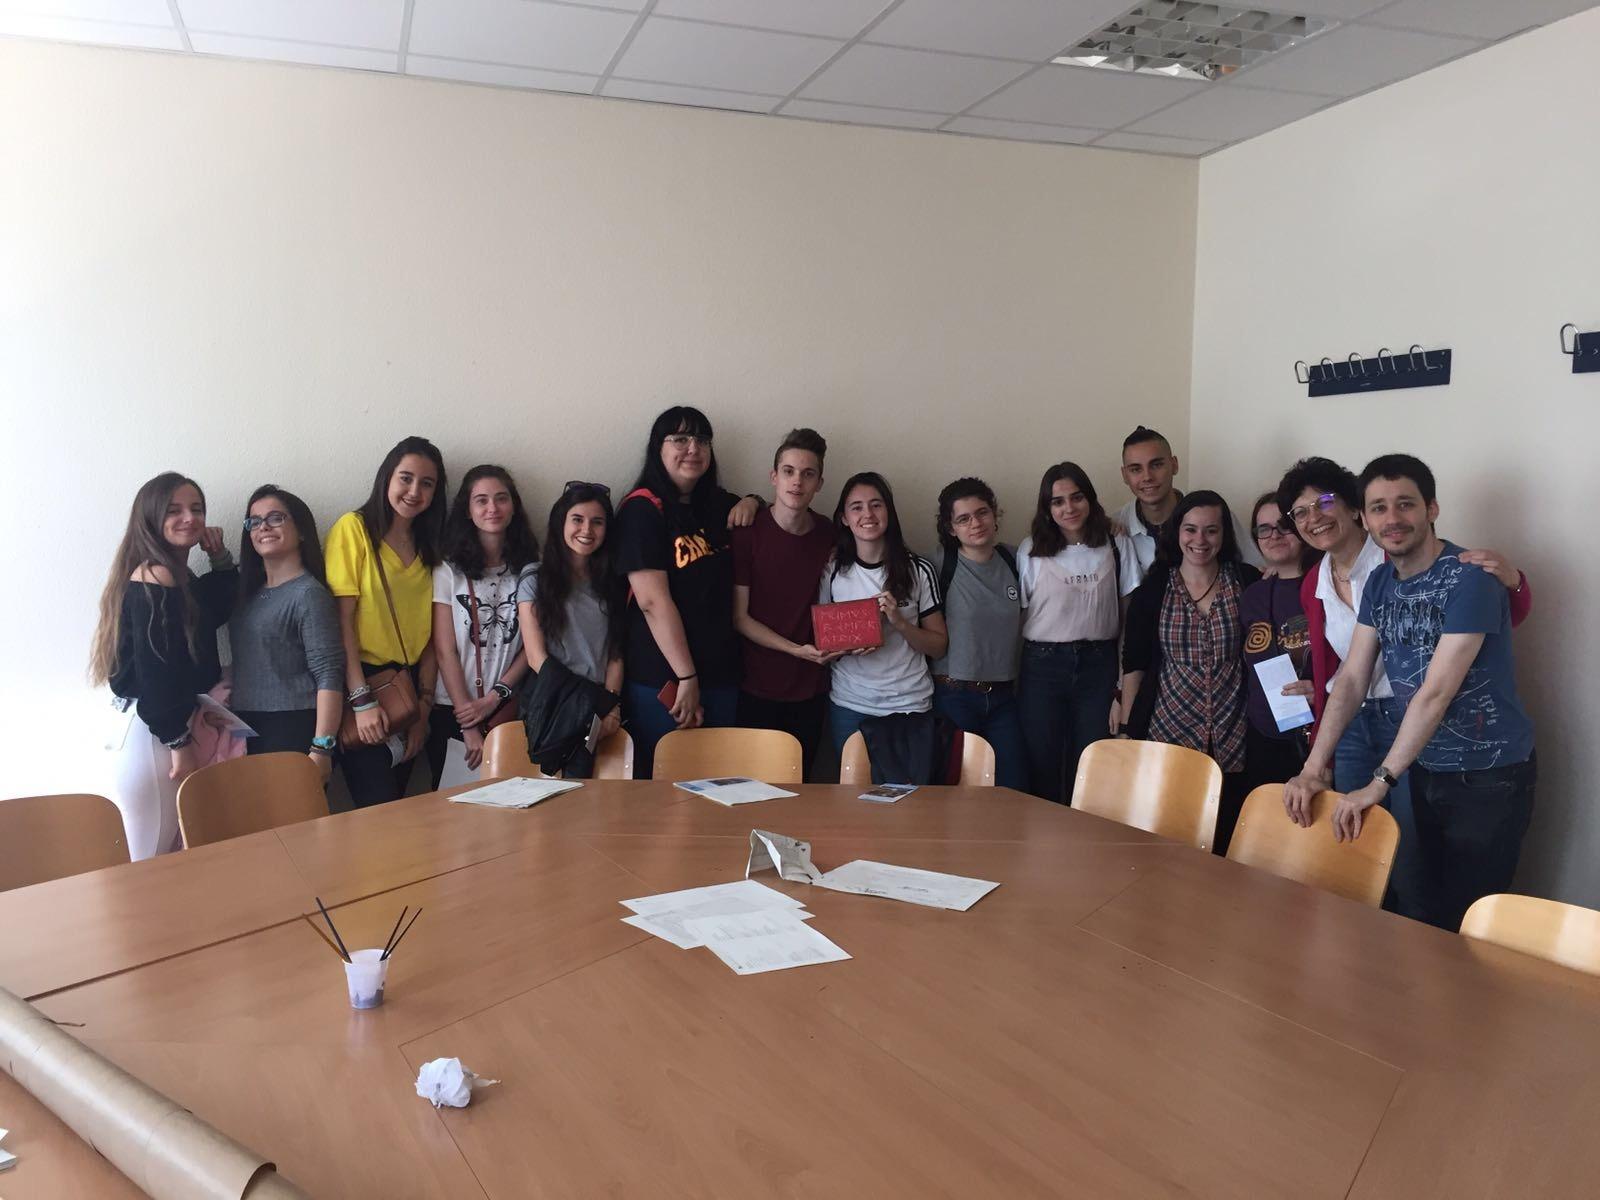 Taller de grafitos pompeyanos - Departamento de Filología Clásica - Universidad Autónoma de Madrid 22